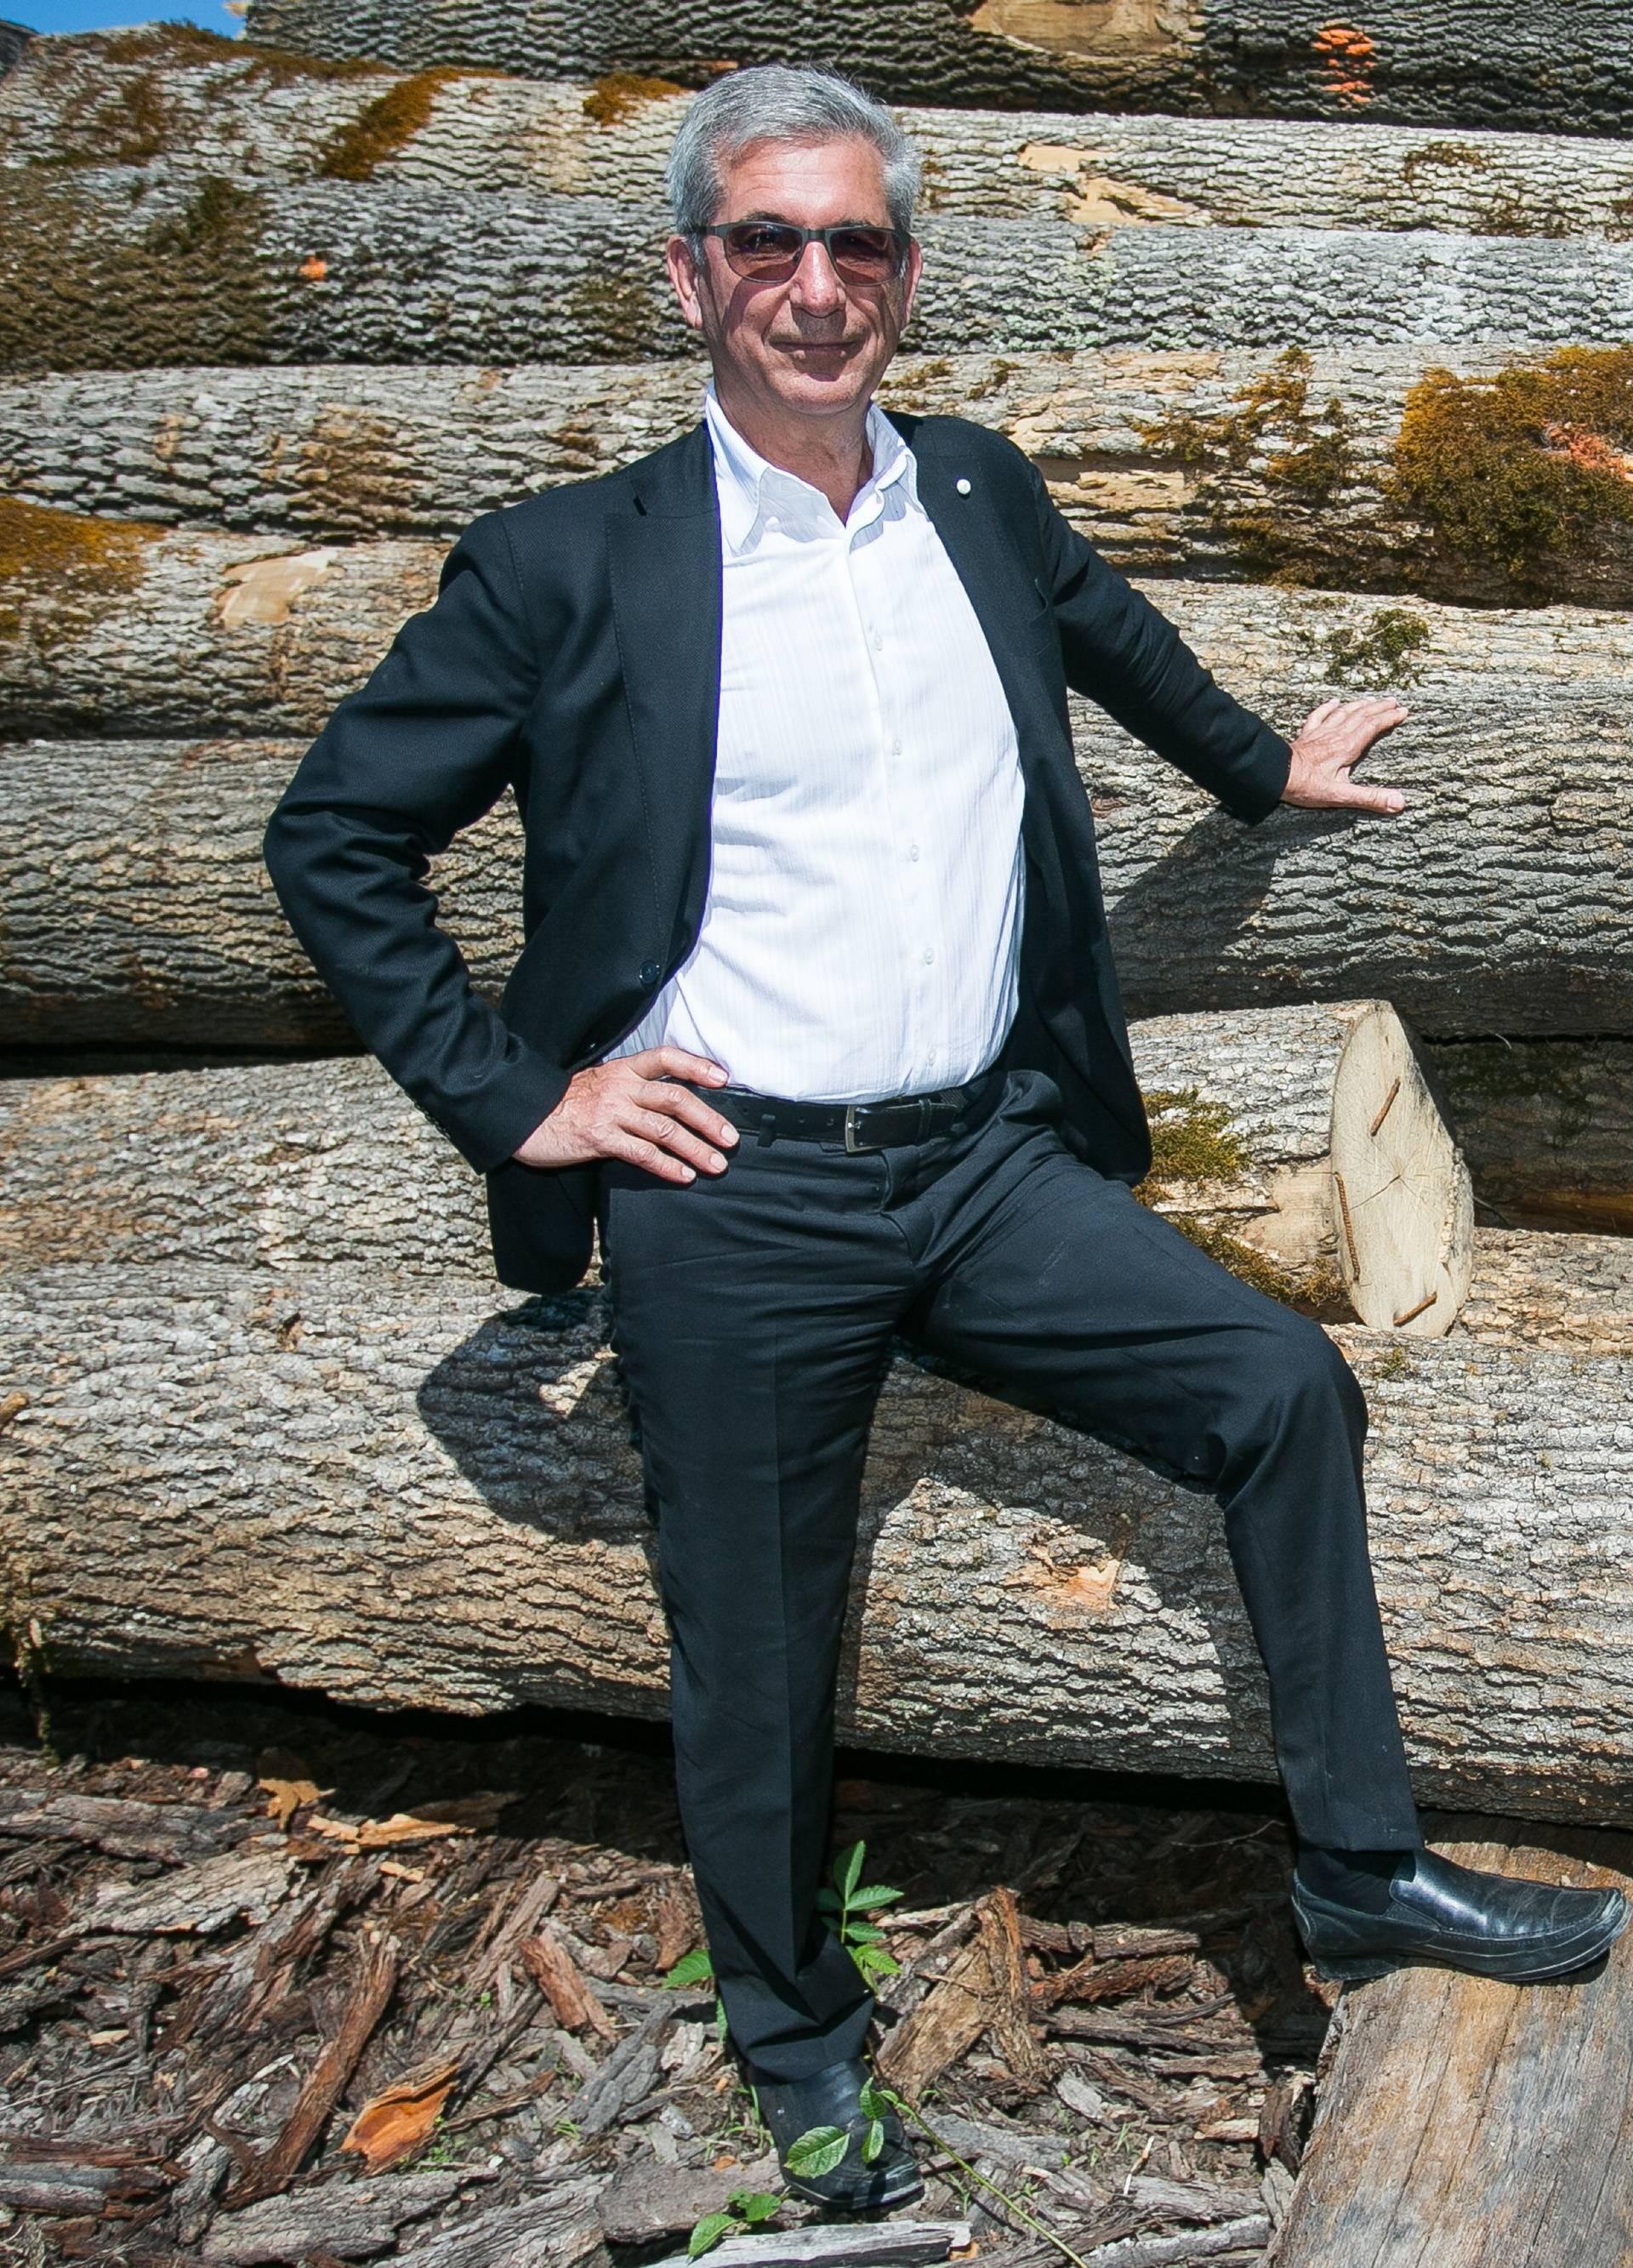 Bogati Hrvat zbog neonacista povukao investicije iz Švedske